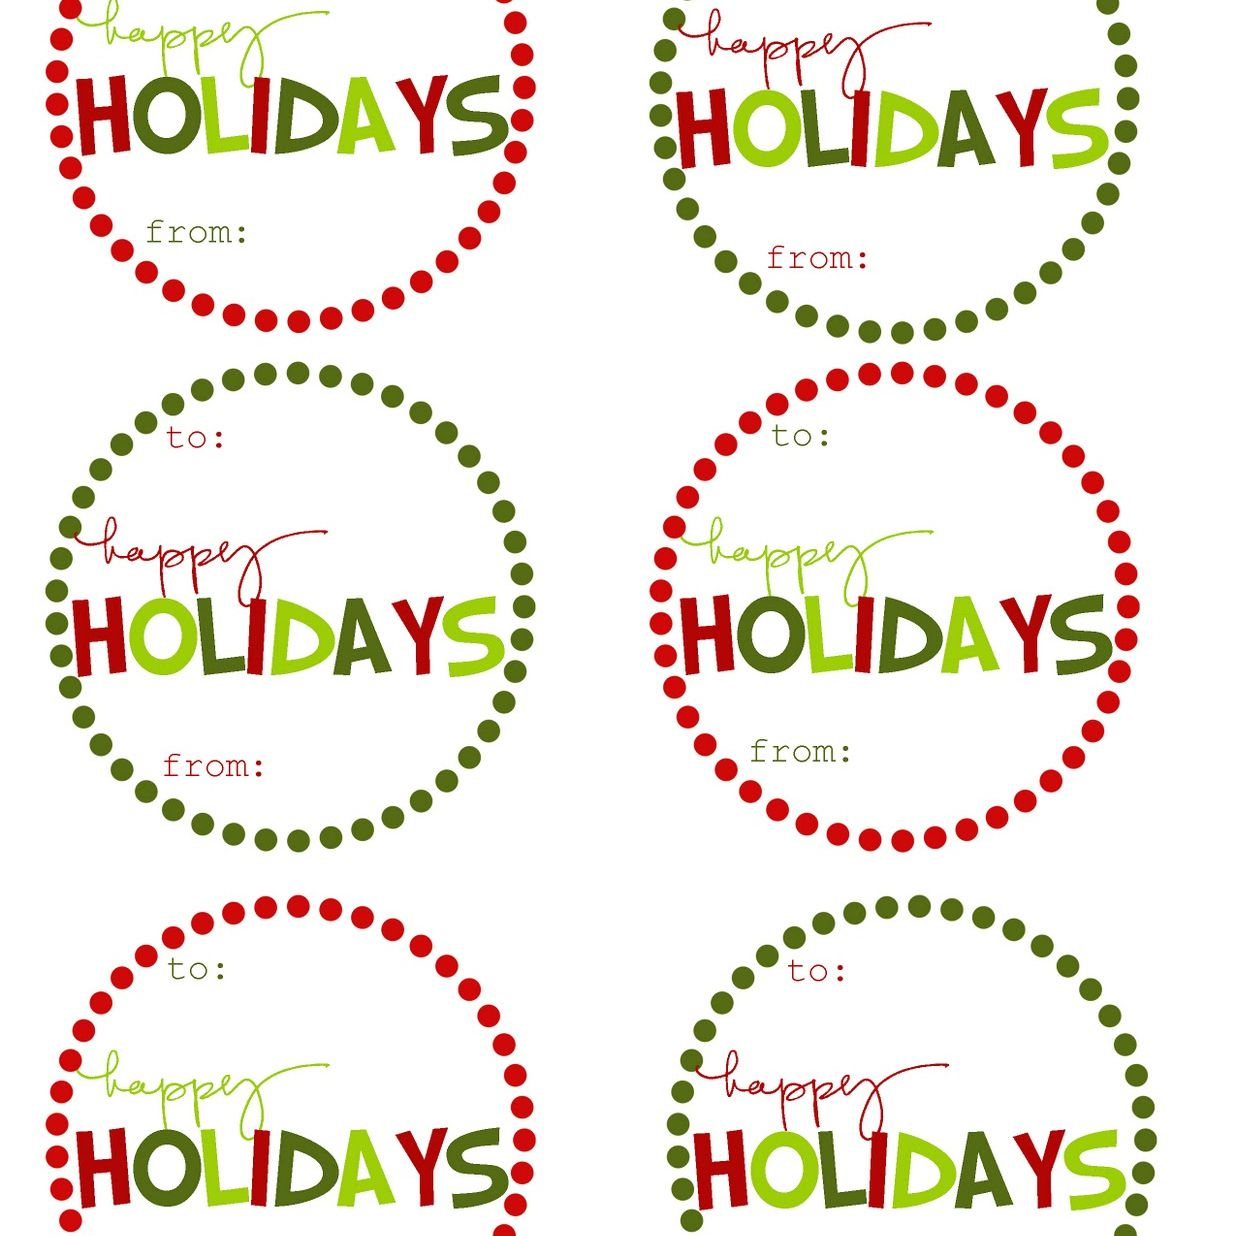 40 Sets Of Free Printable Christmas Gift Tags - Free Printable To From Gift Tags